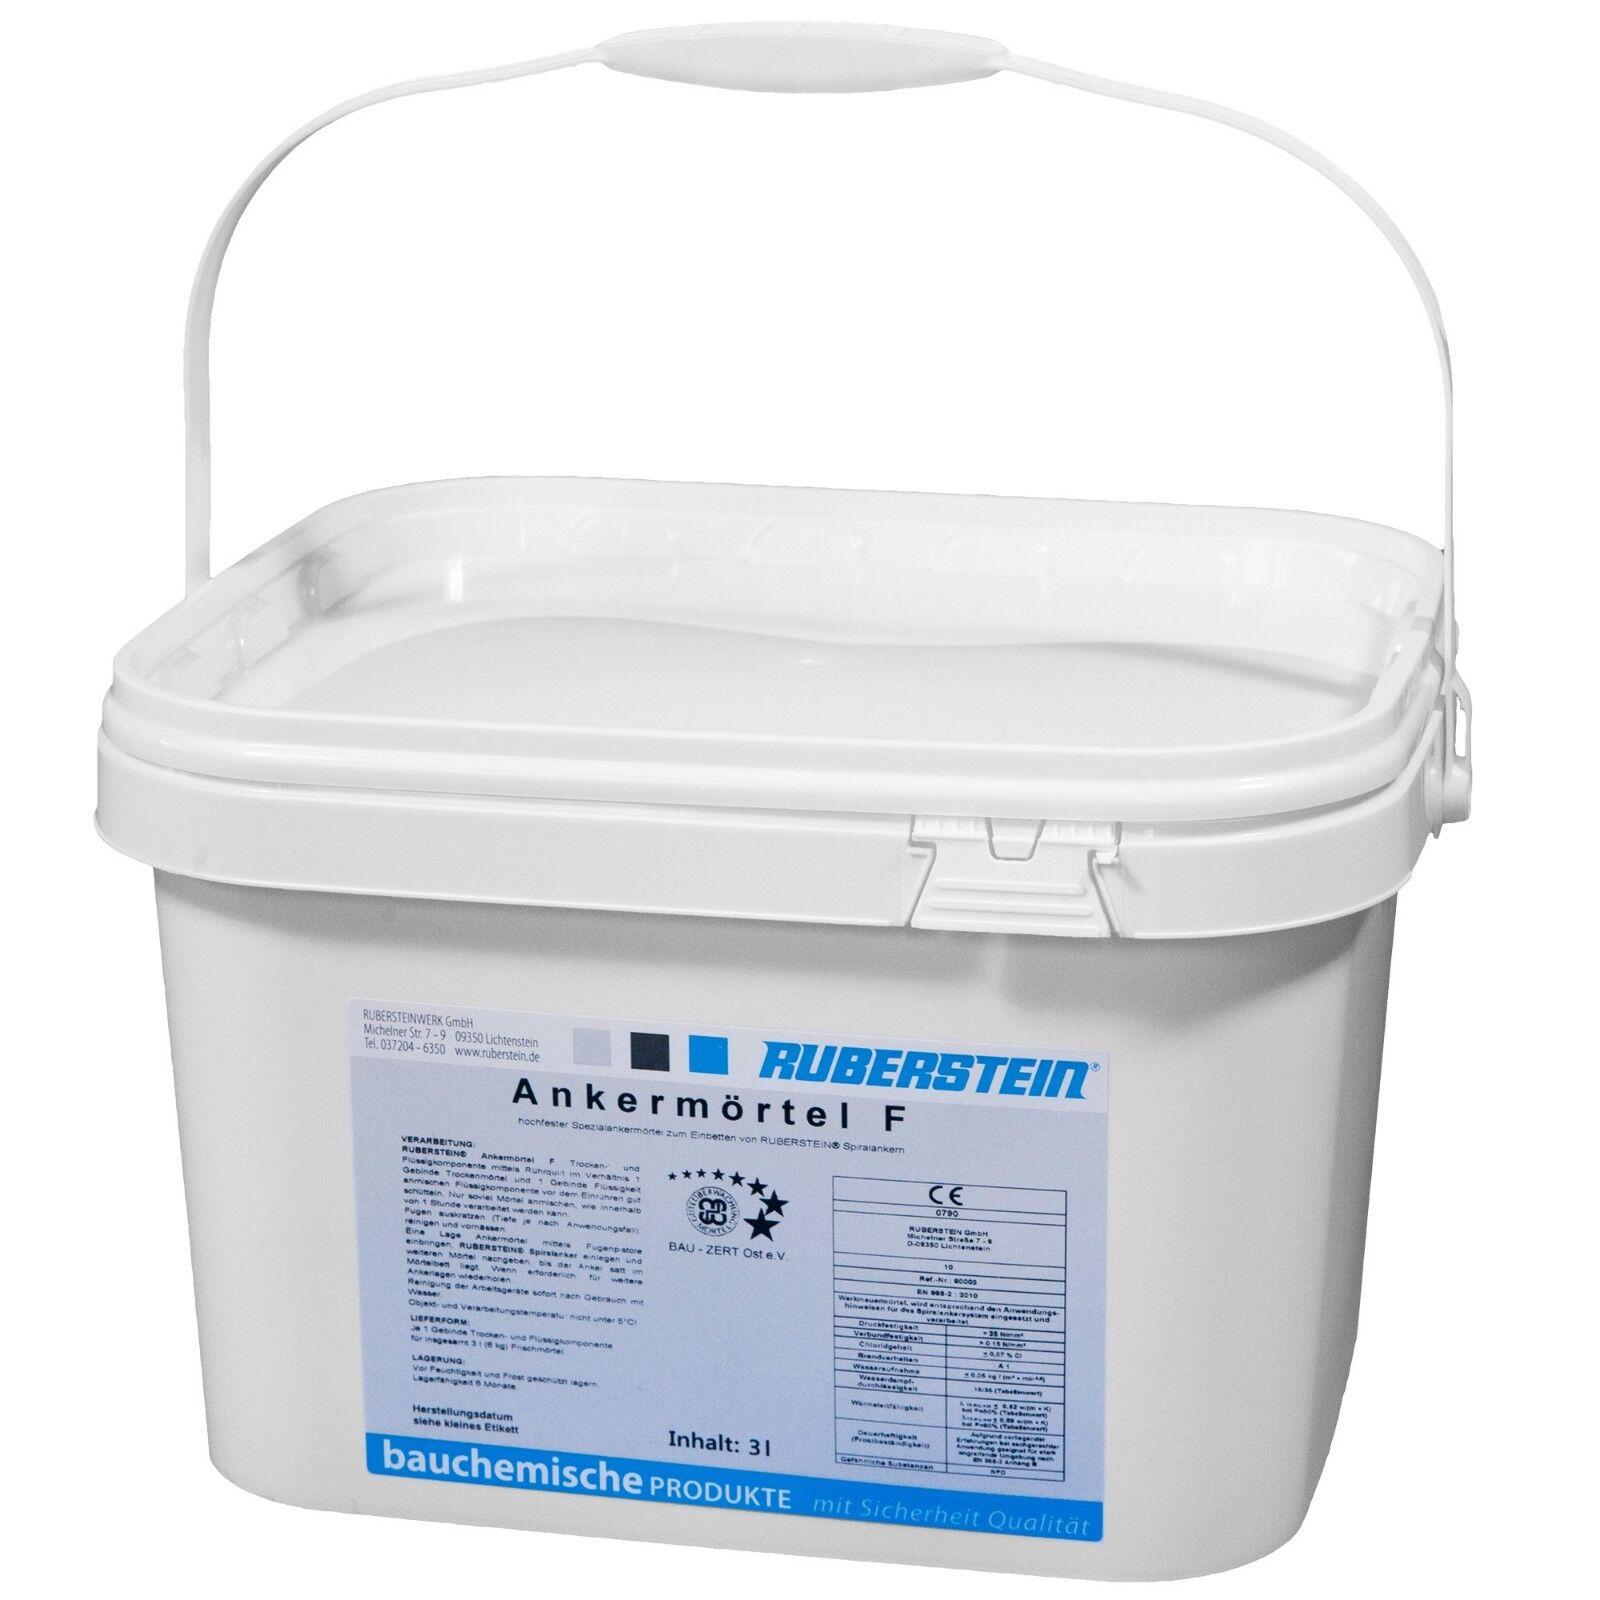 Ruberstein® Ankermörtel hochfest 2K, 2 Eimer á 6 kg reichen für 10 m Spiralanker